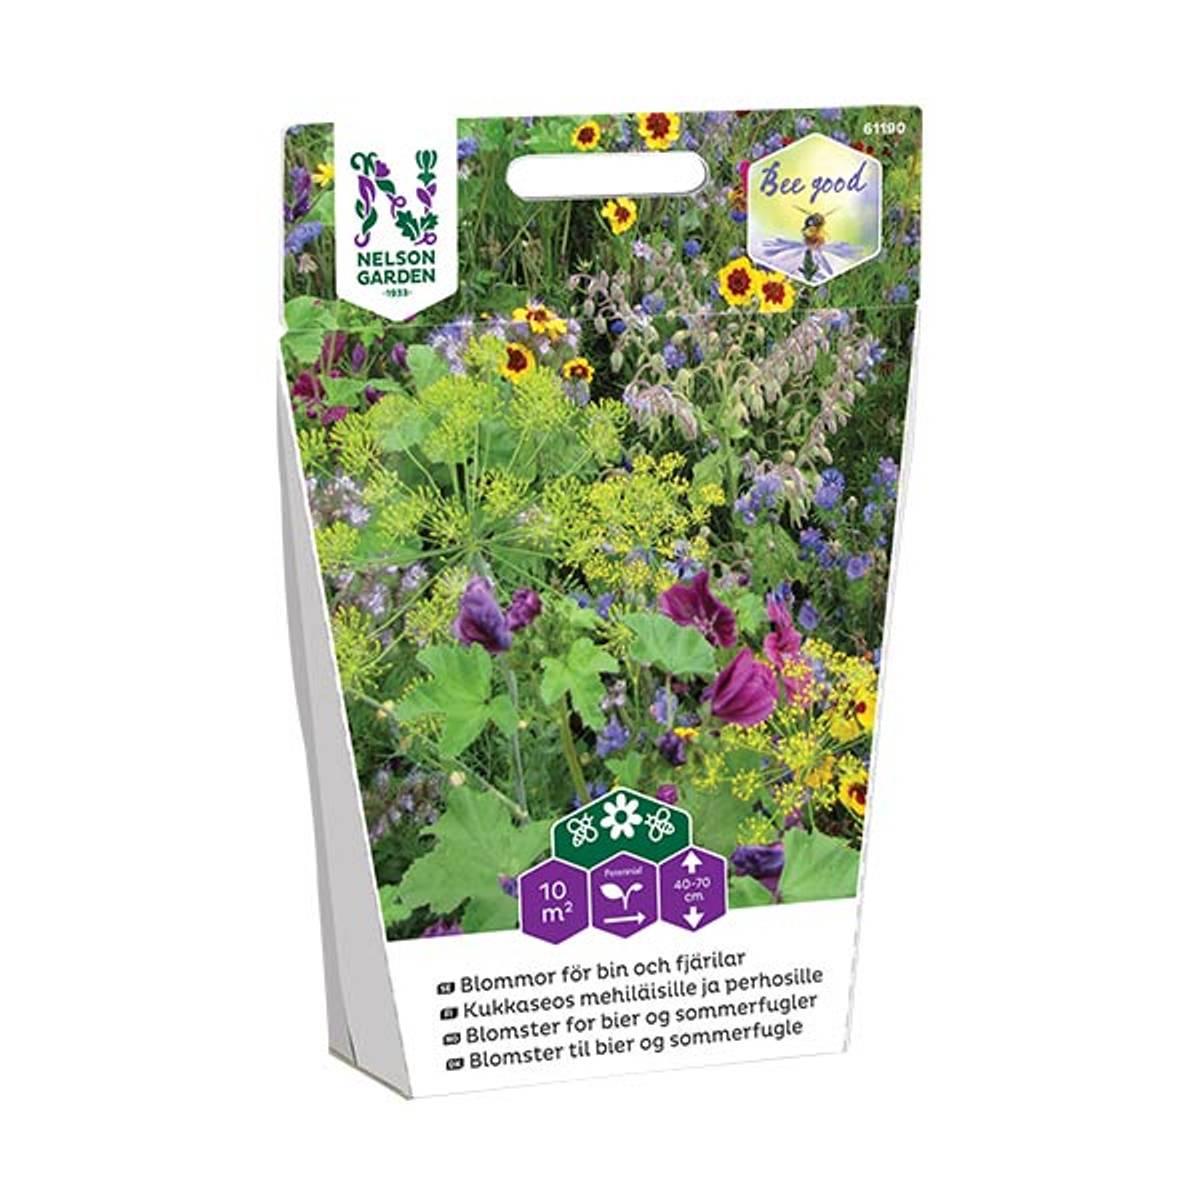 Blomster for bier og sommerfugler 20 g